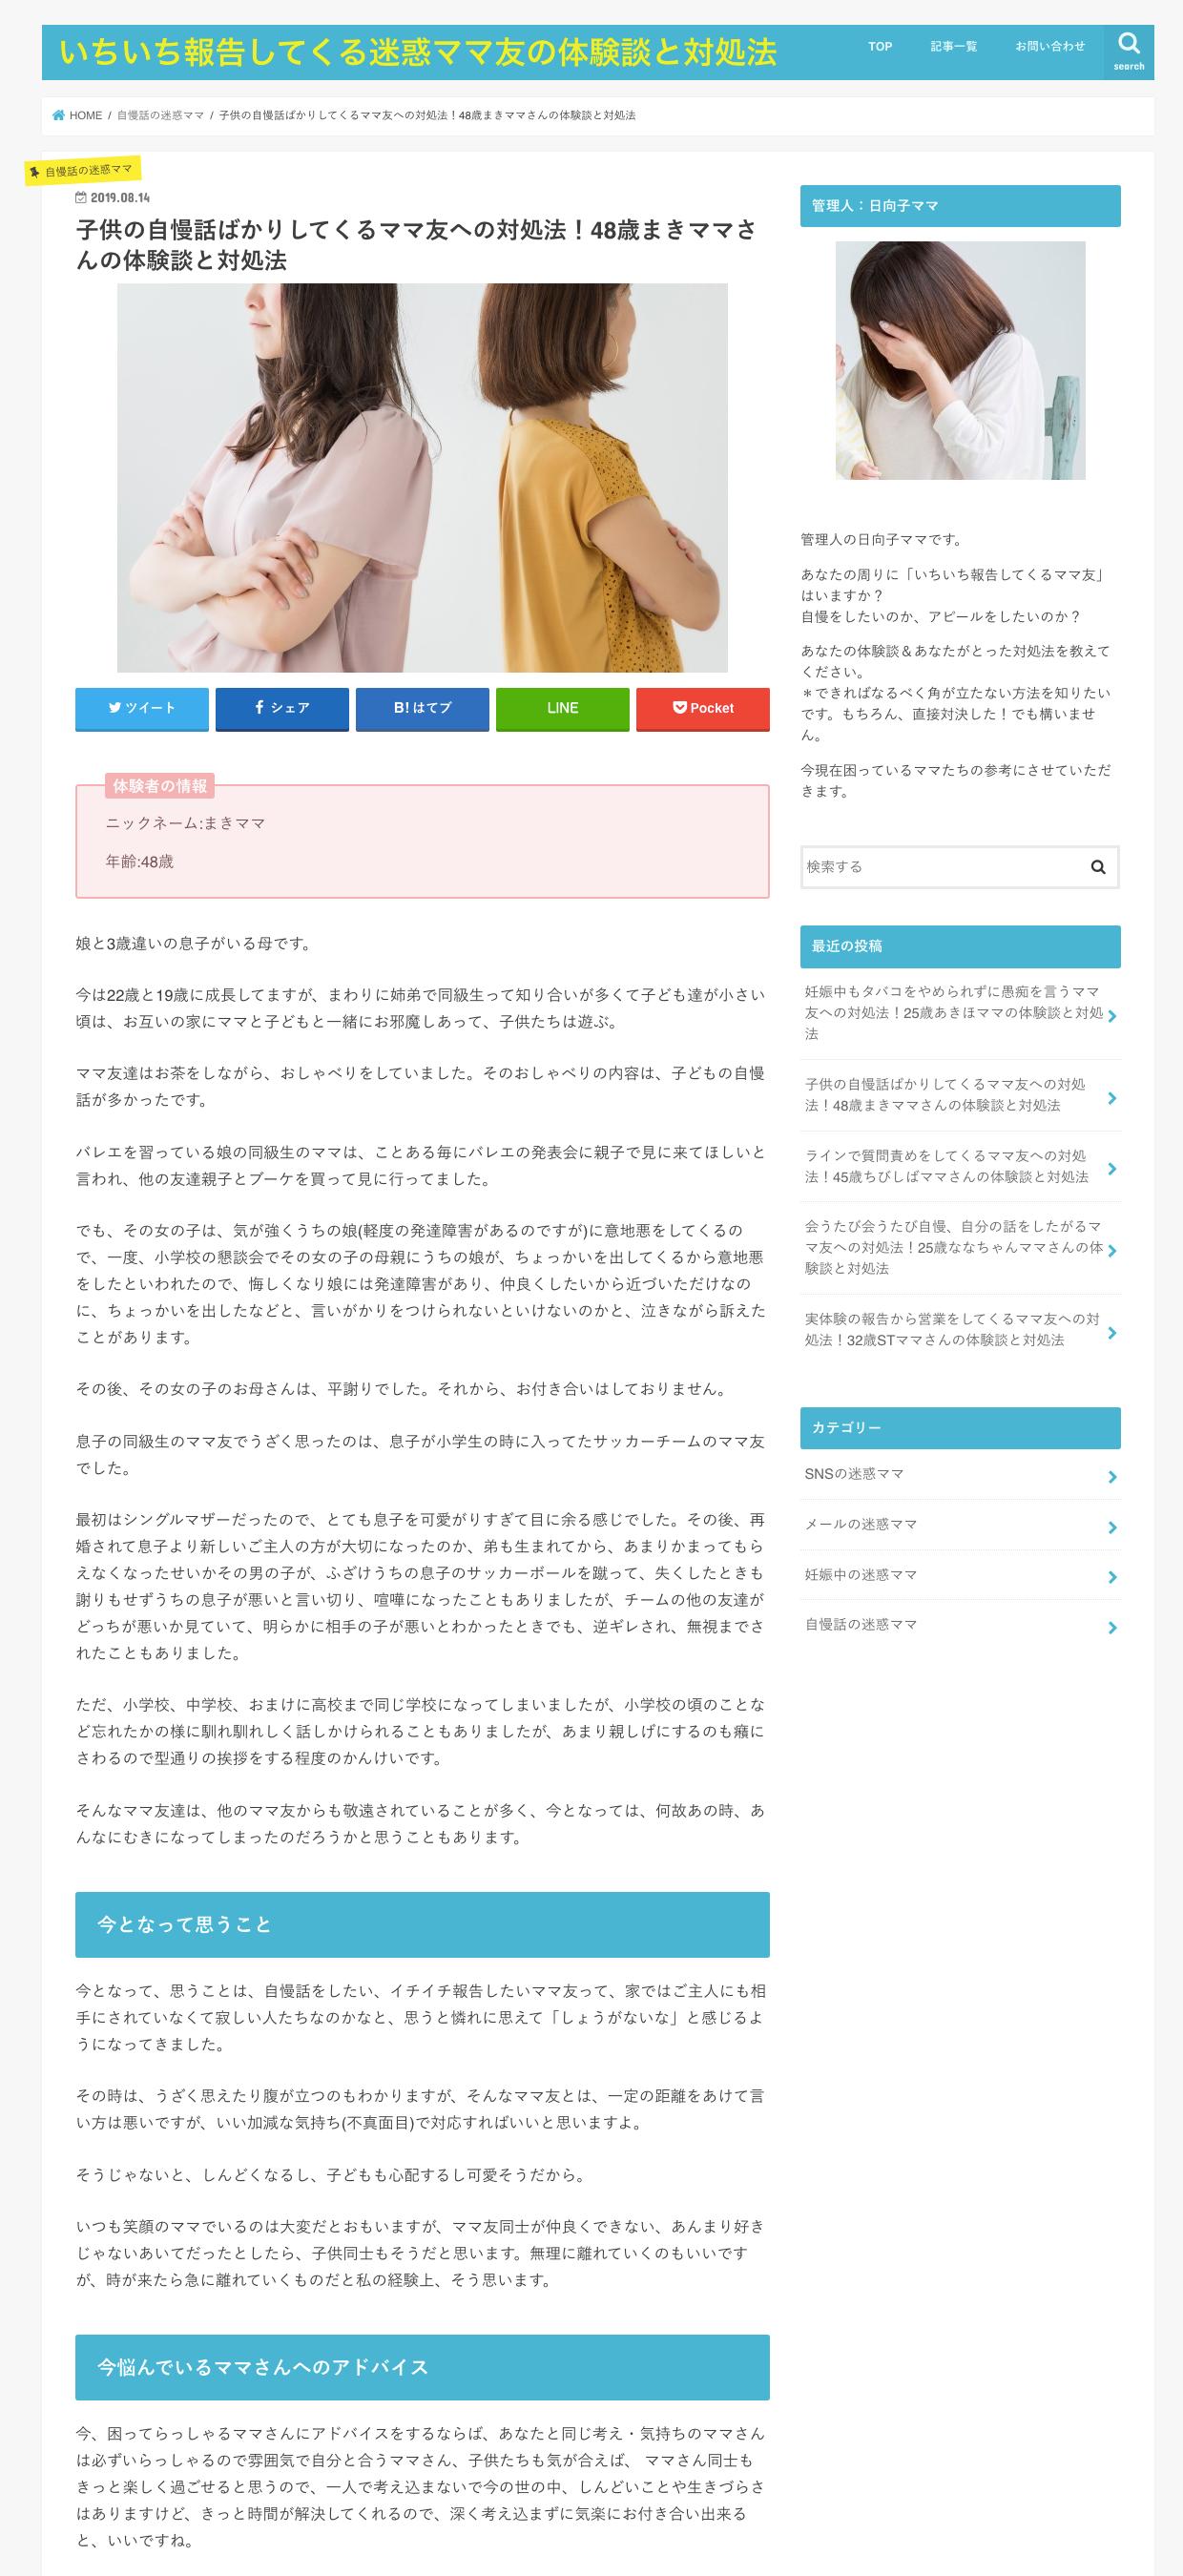 Googleアドセンスの審査に落ちたブログ